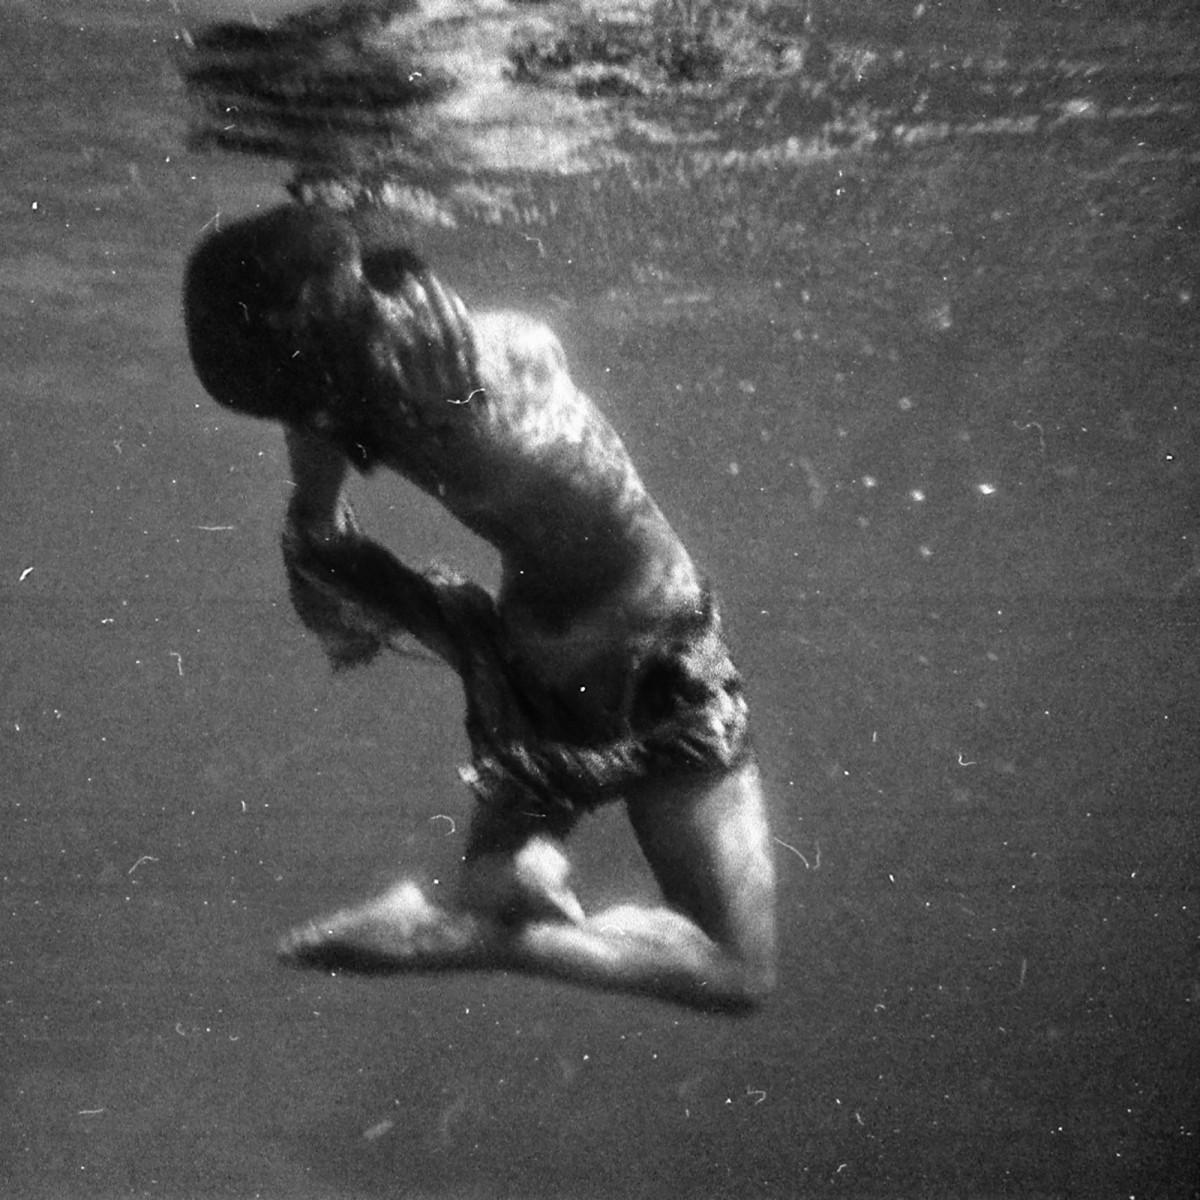 Underwater ballet B&W negative